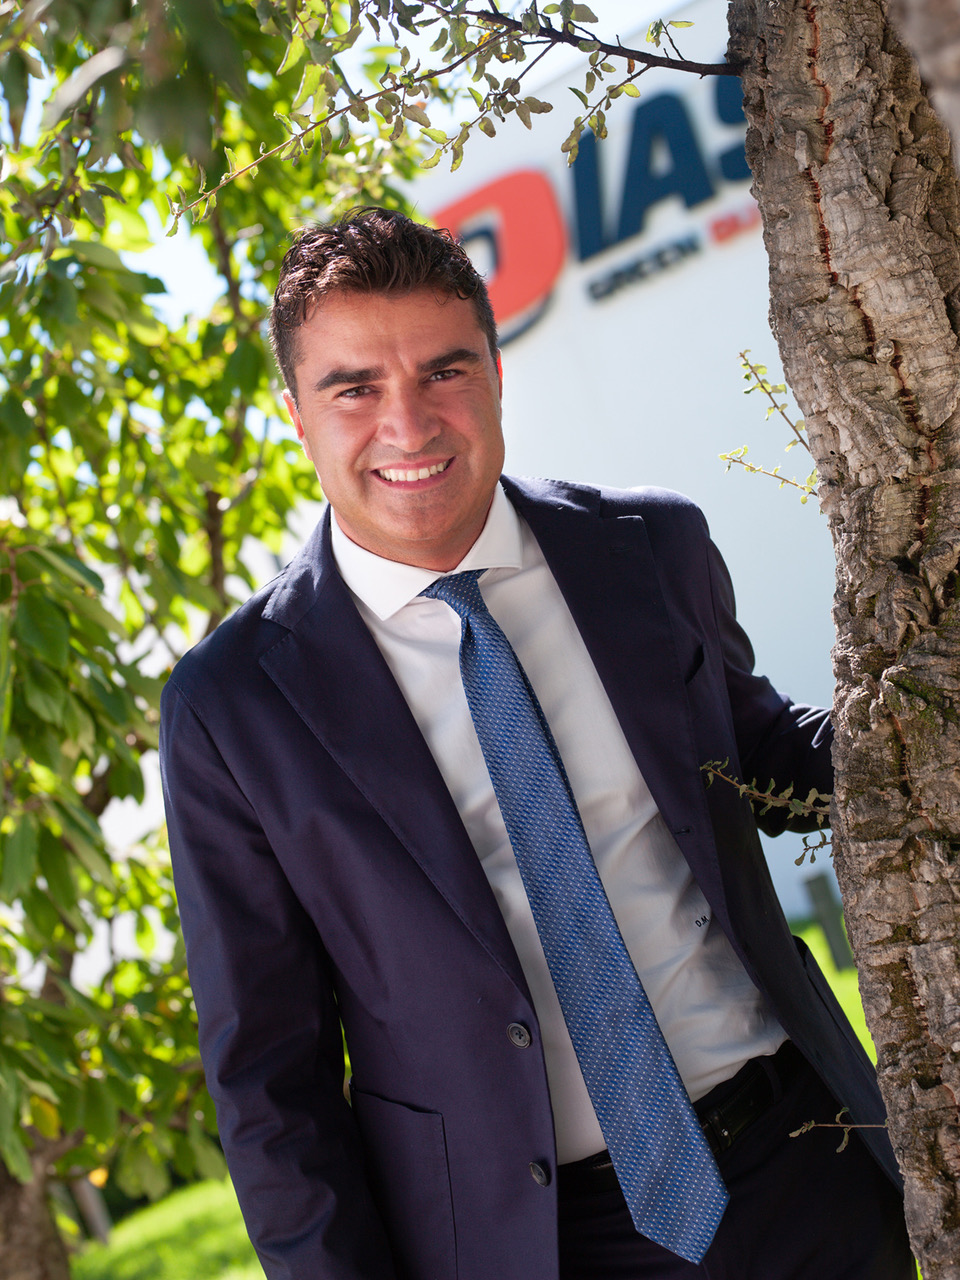 Diego-Mingarelli-diasen